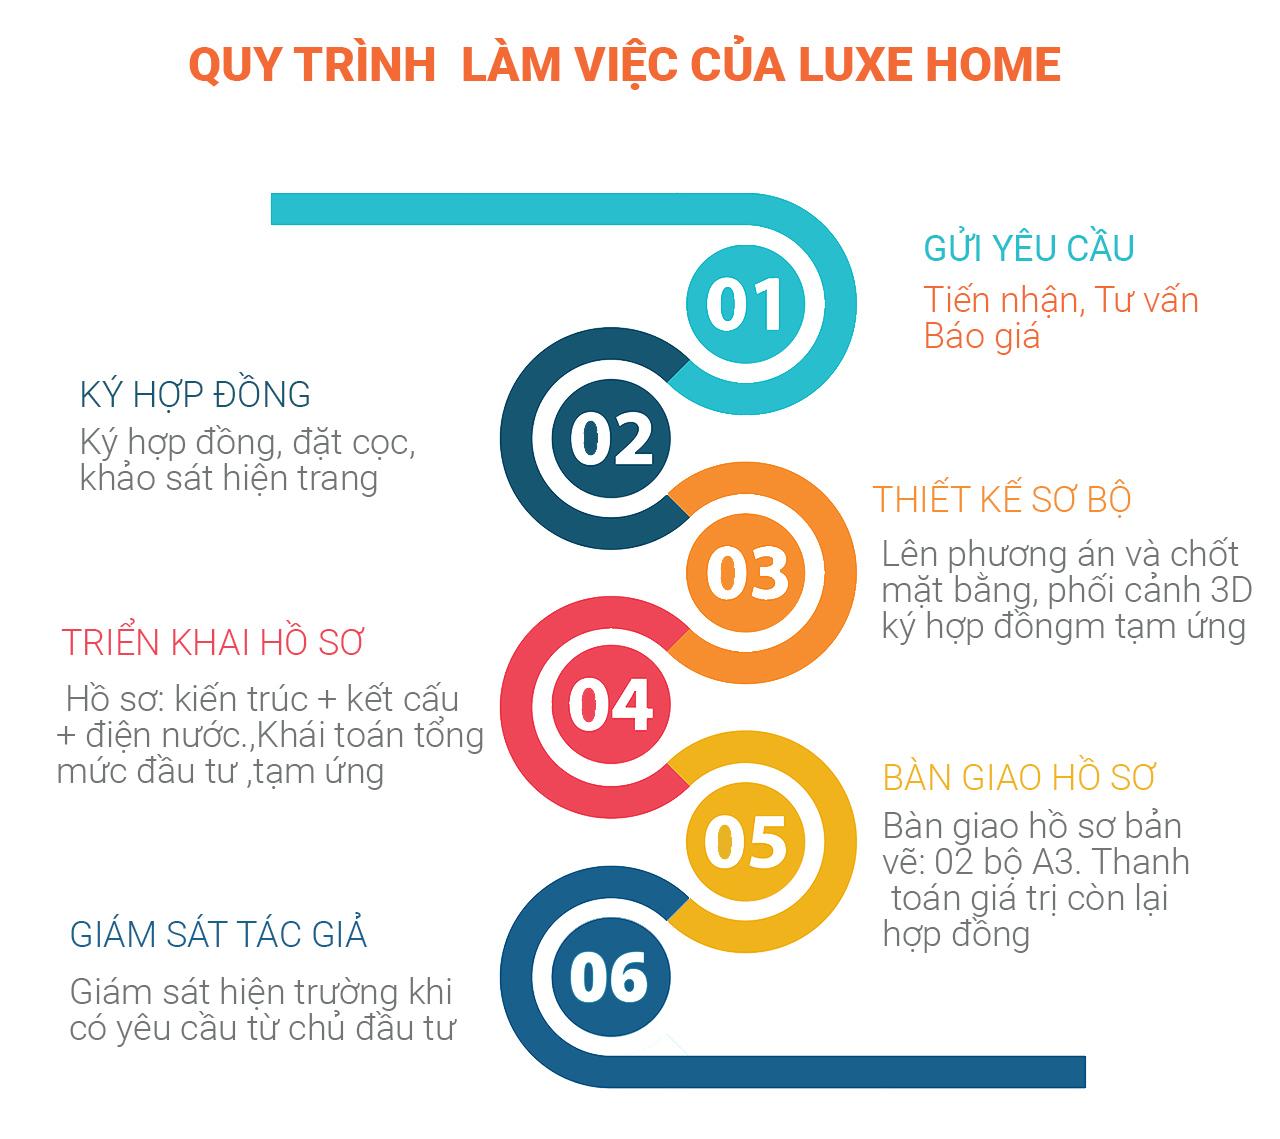 quy trình làm việc của luxe home